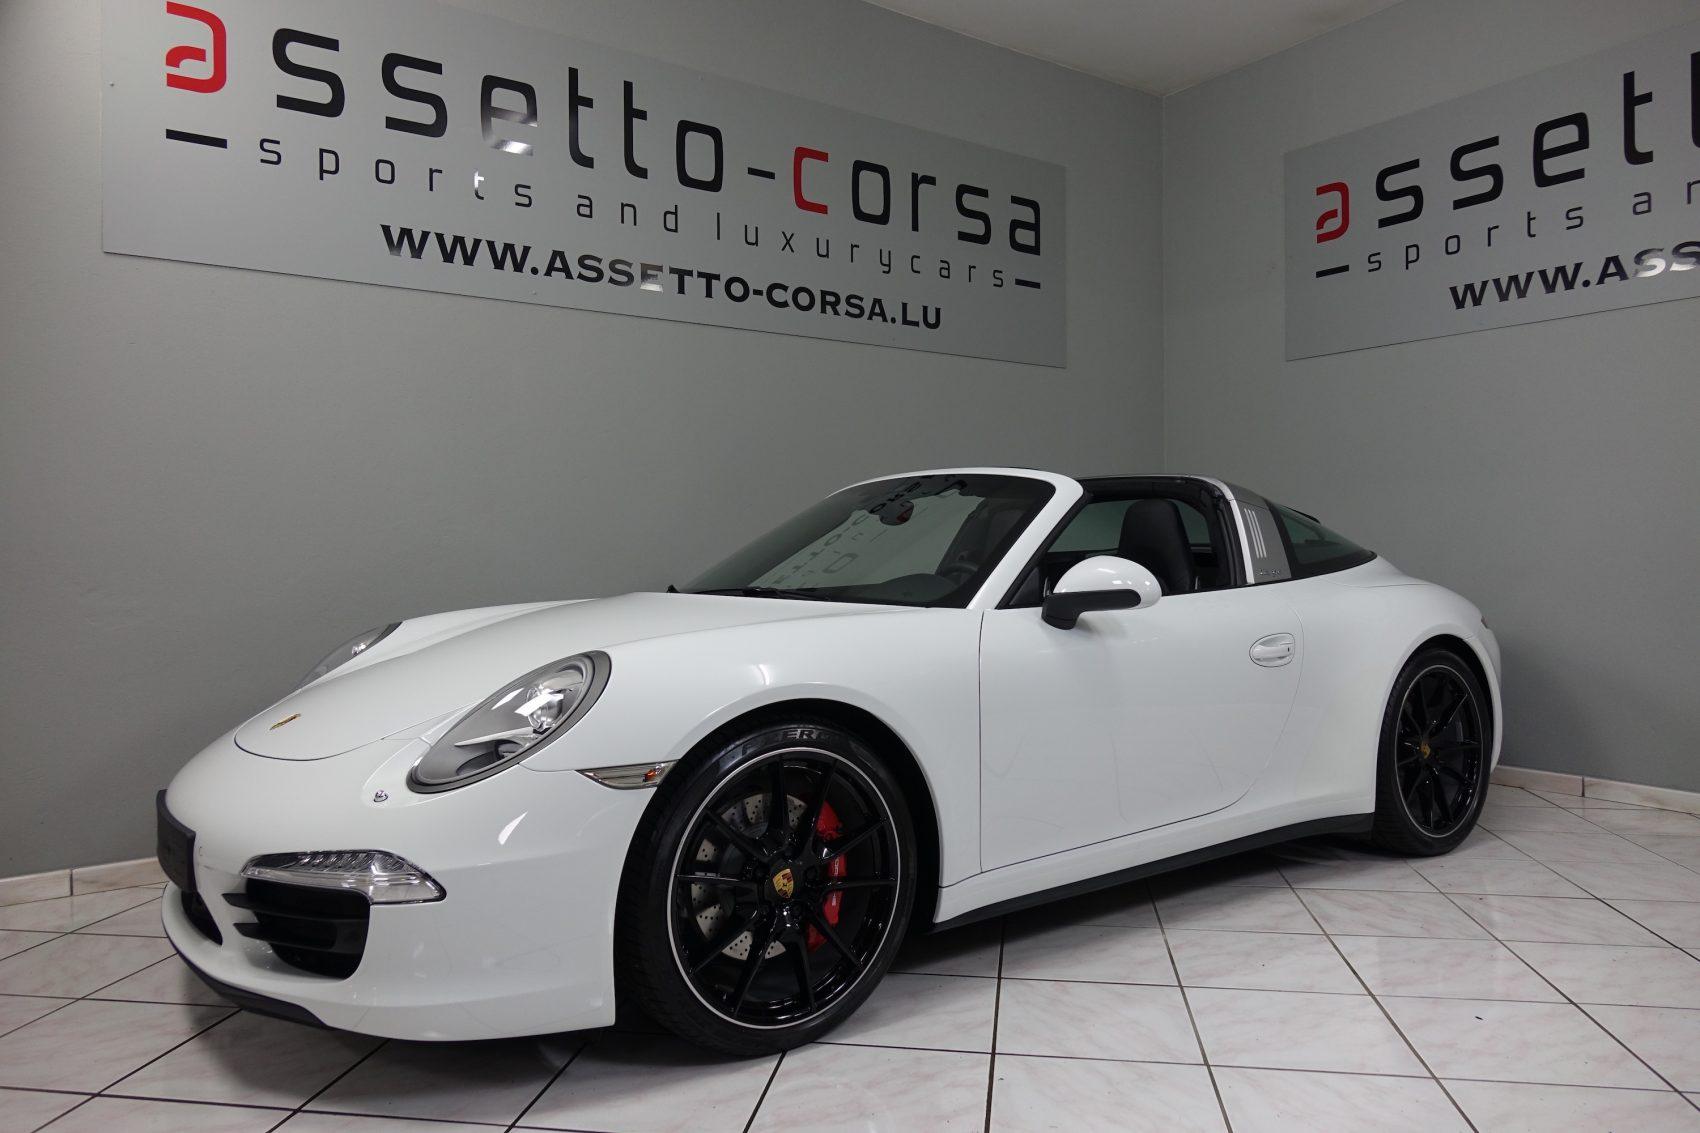 Porsche 911 991 Targa 4s Assetto Corsa